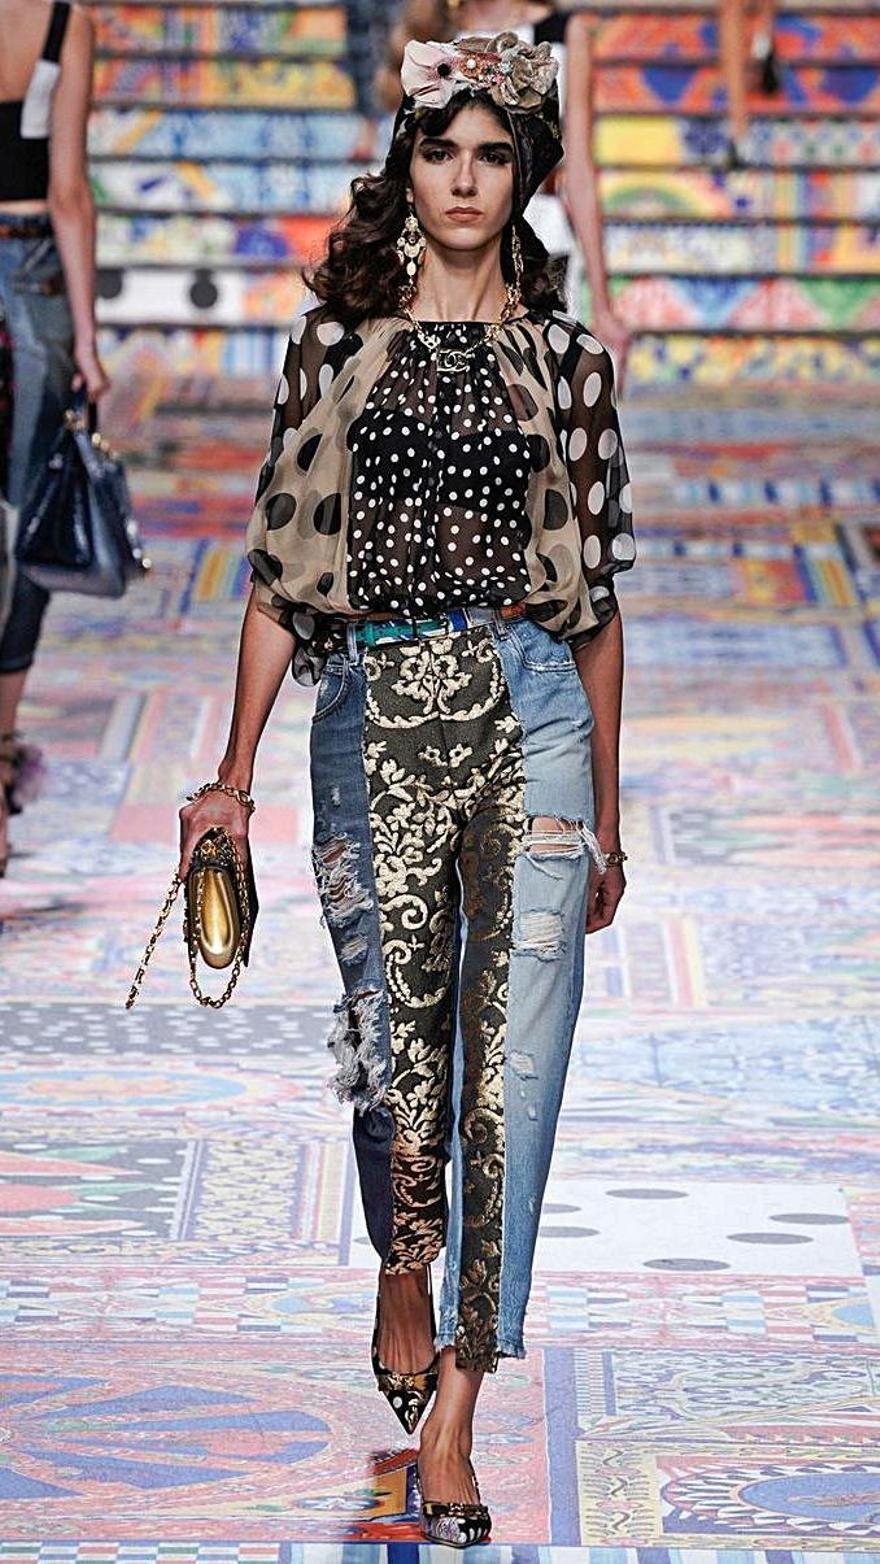 Rebeca Solana ayer desfilando para Dolce & Gabbana en Milán.